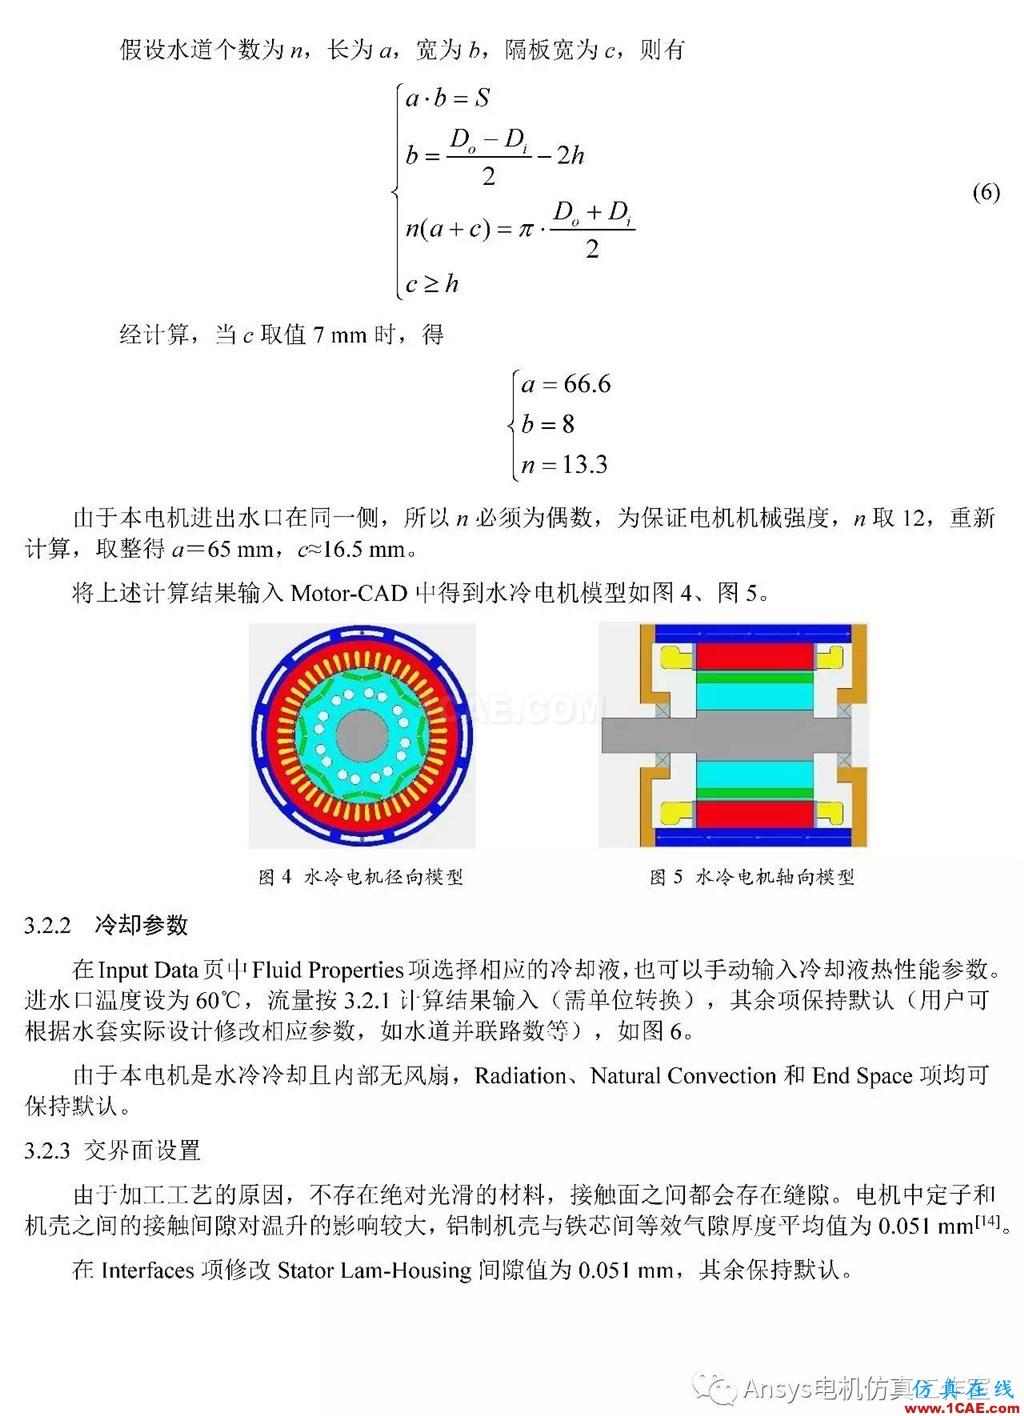 基于RMxprt和Motor-CAD永磁电机温升速算方法Maxwell培训教程图片5